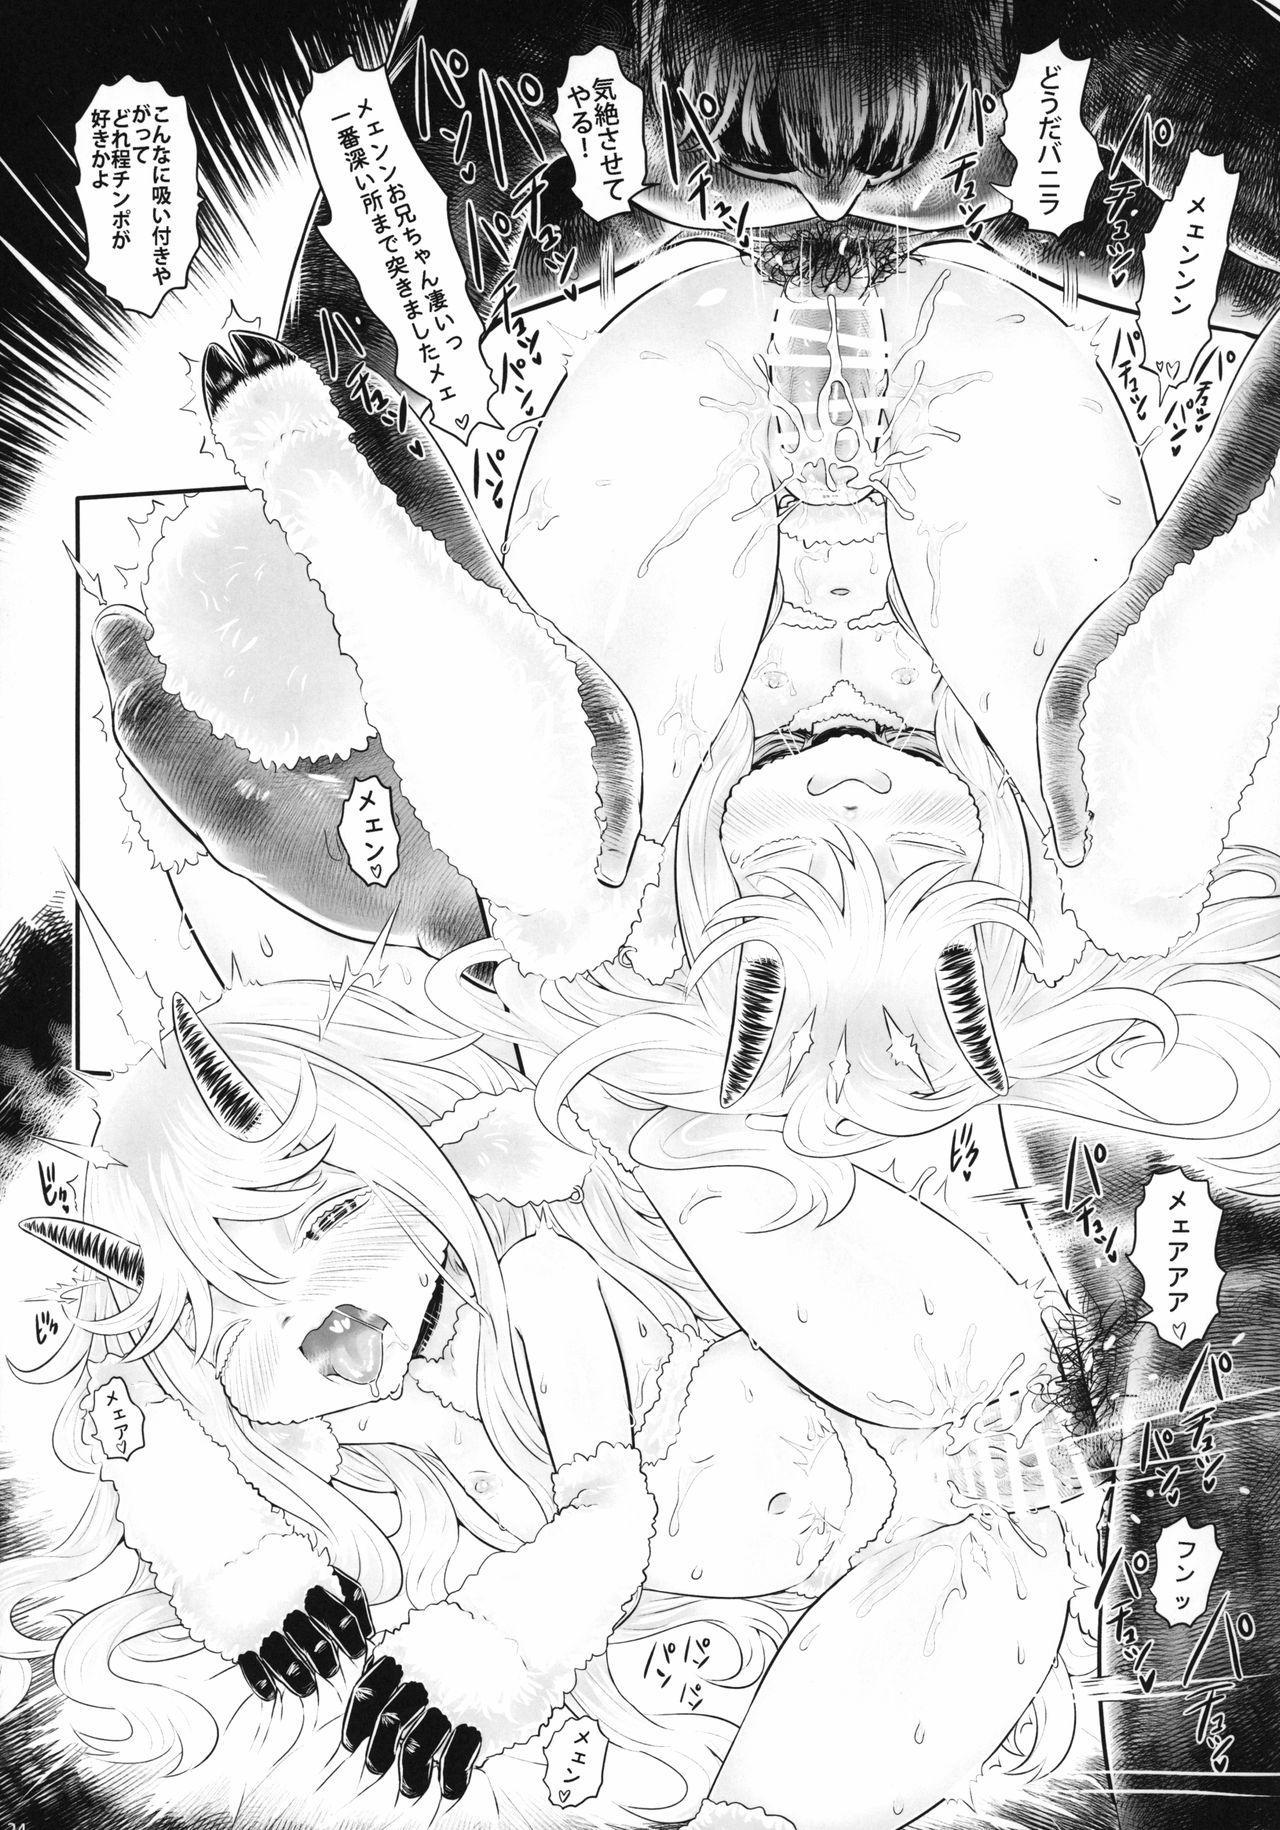 [FF36][新刊]愛玩幼奴別冊-異族幼奴隸種付本-愛玩幼畜01 22